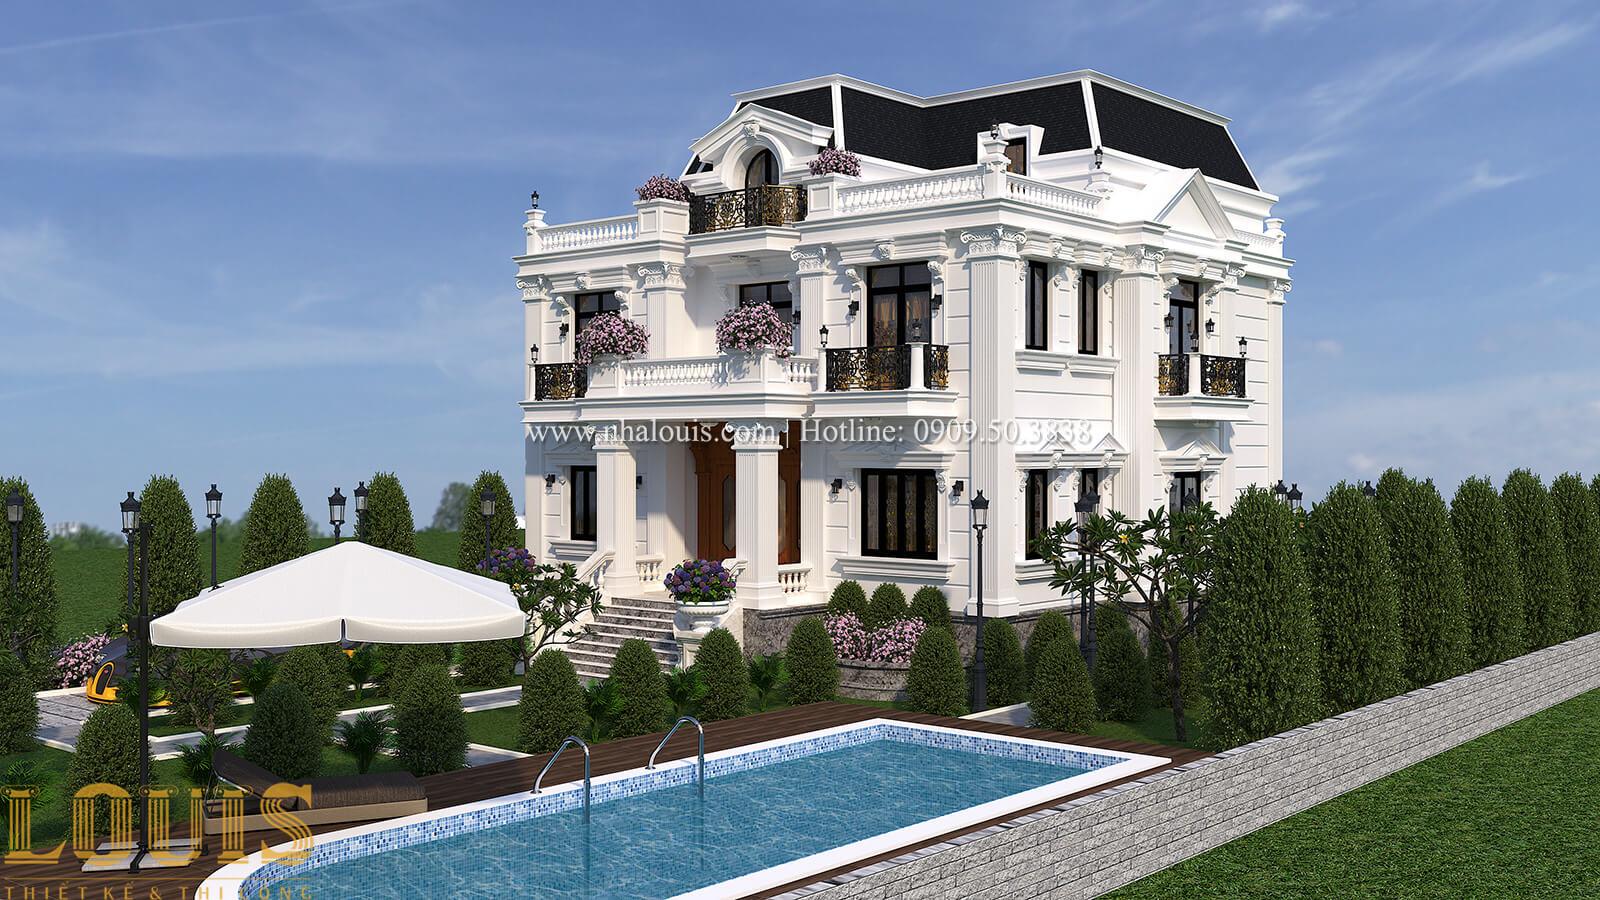 Mẫu nhà biệt thự 3 tầng đẹp có hồ bơi sân vườn tại Biên Hòa - 02